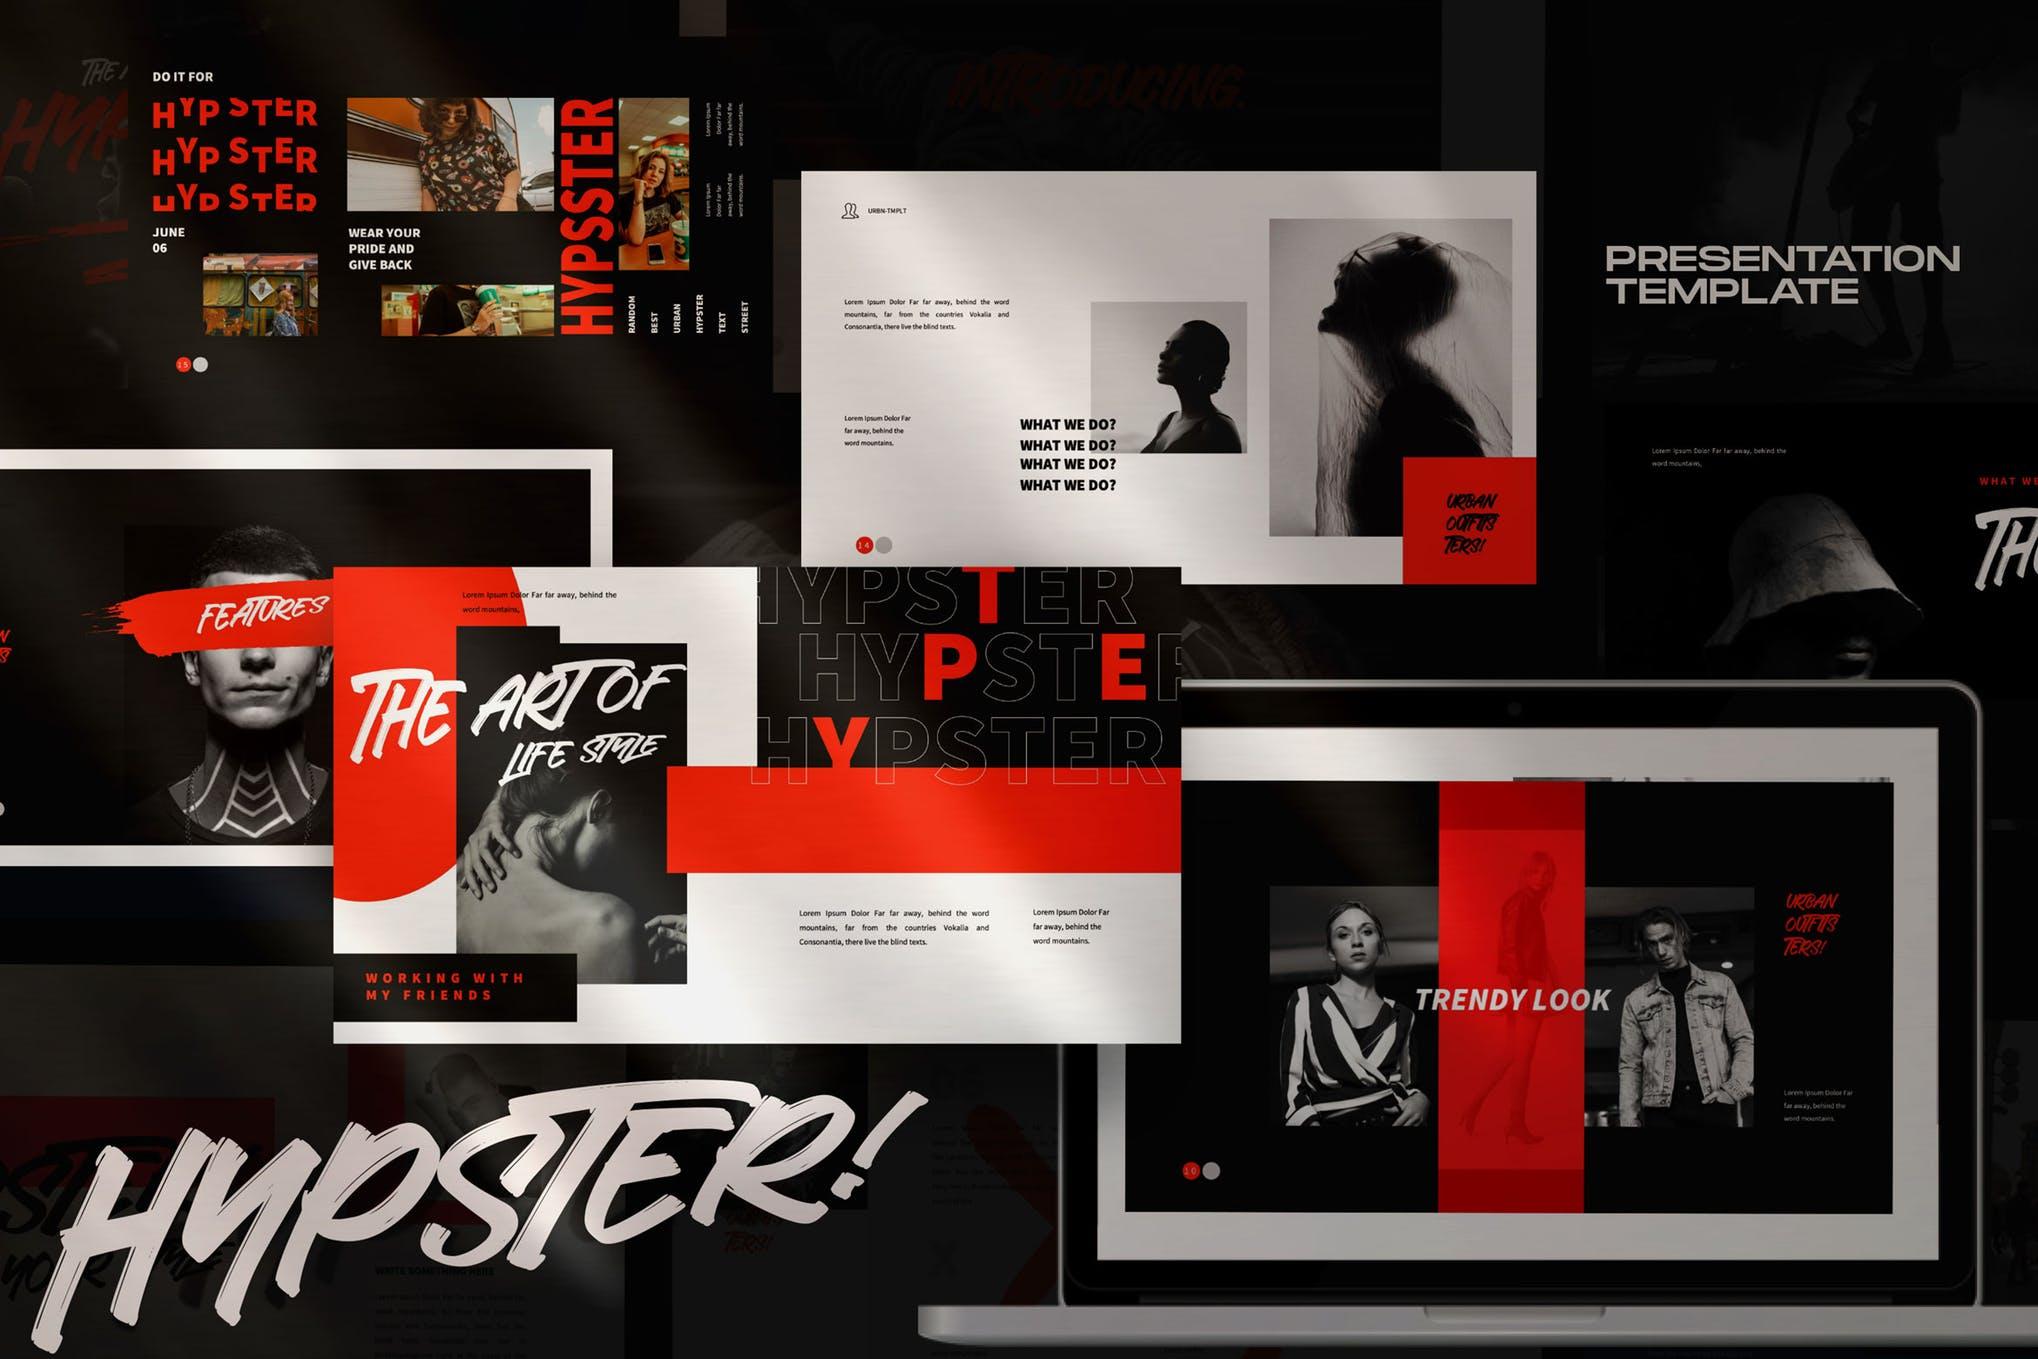 时尚多用途服装品牌摄影作品集PPT幻灯片模板素材 Hypester – urban design creative powerpoint插图